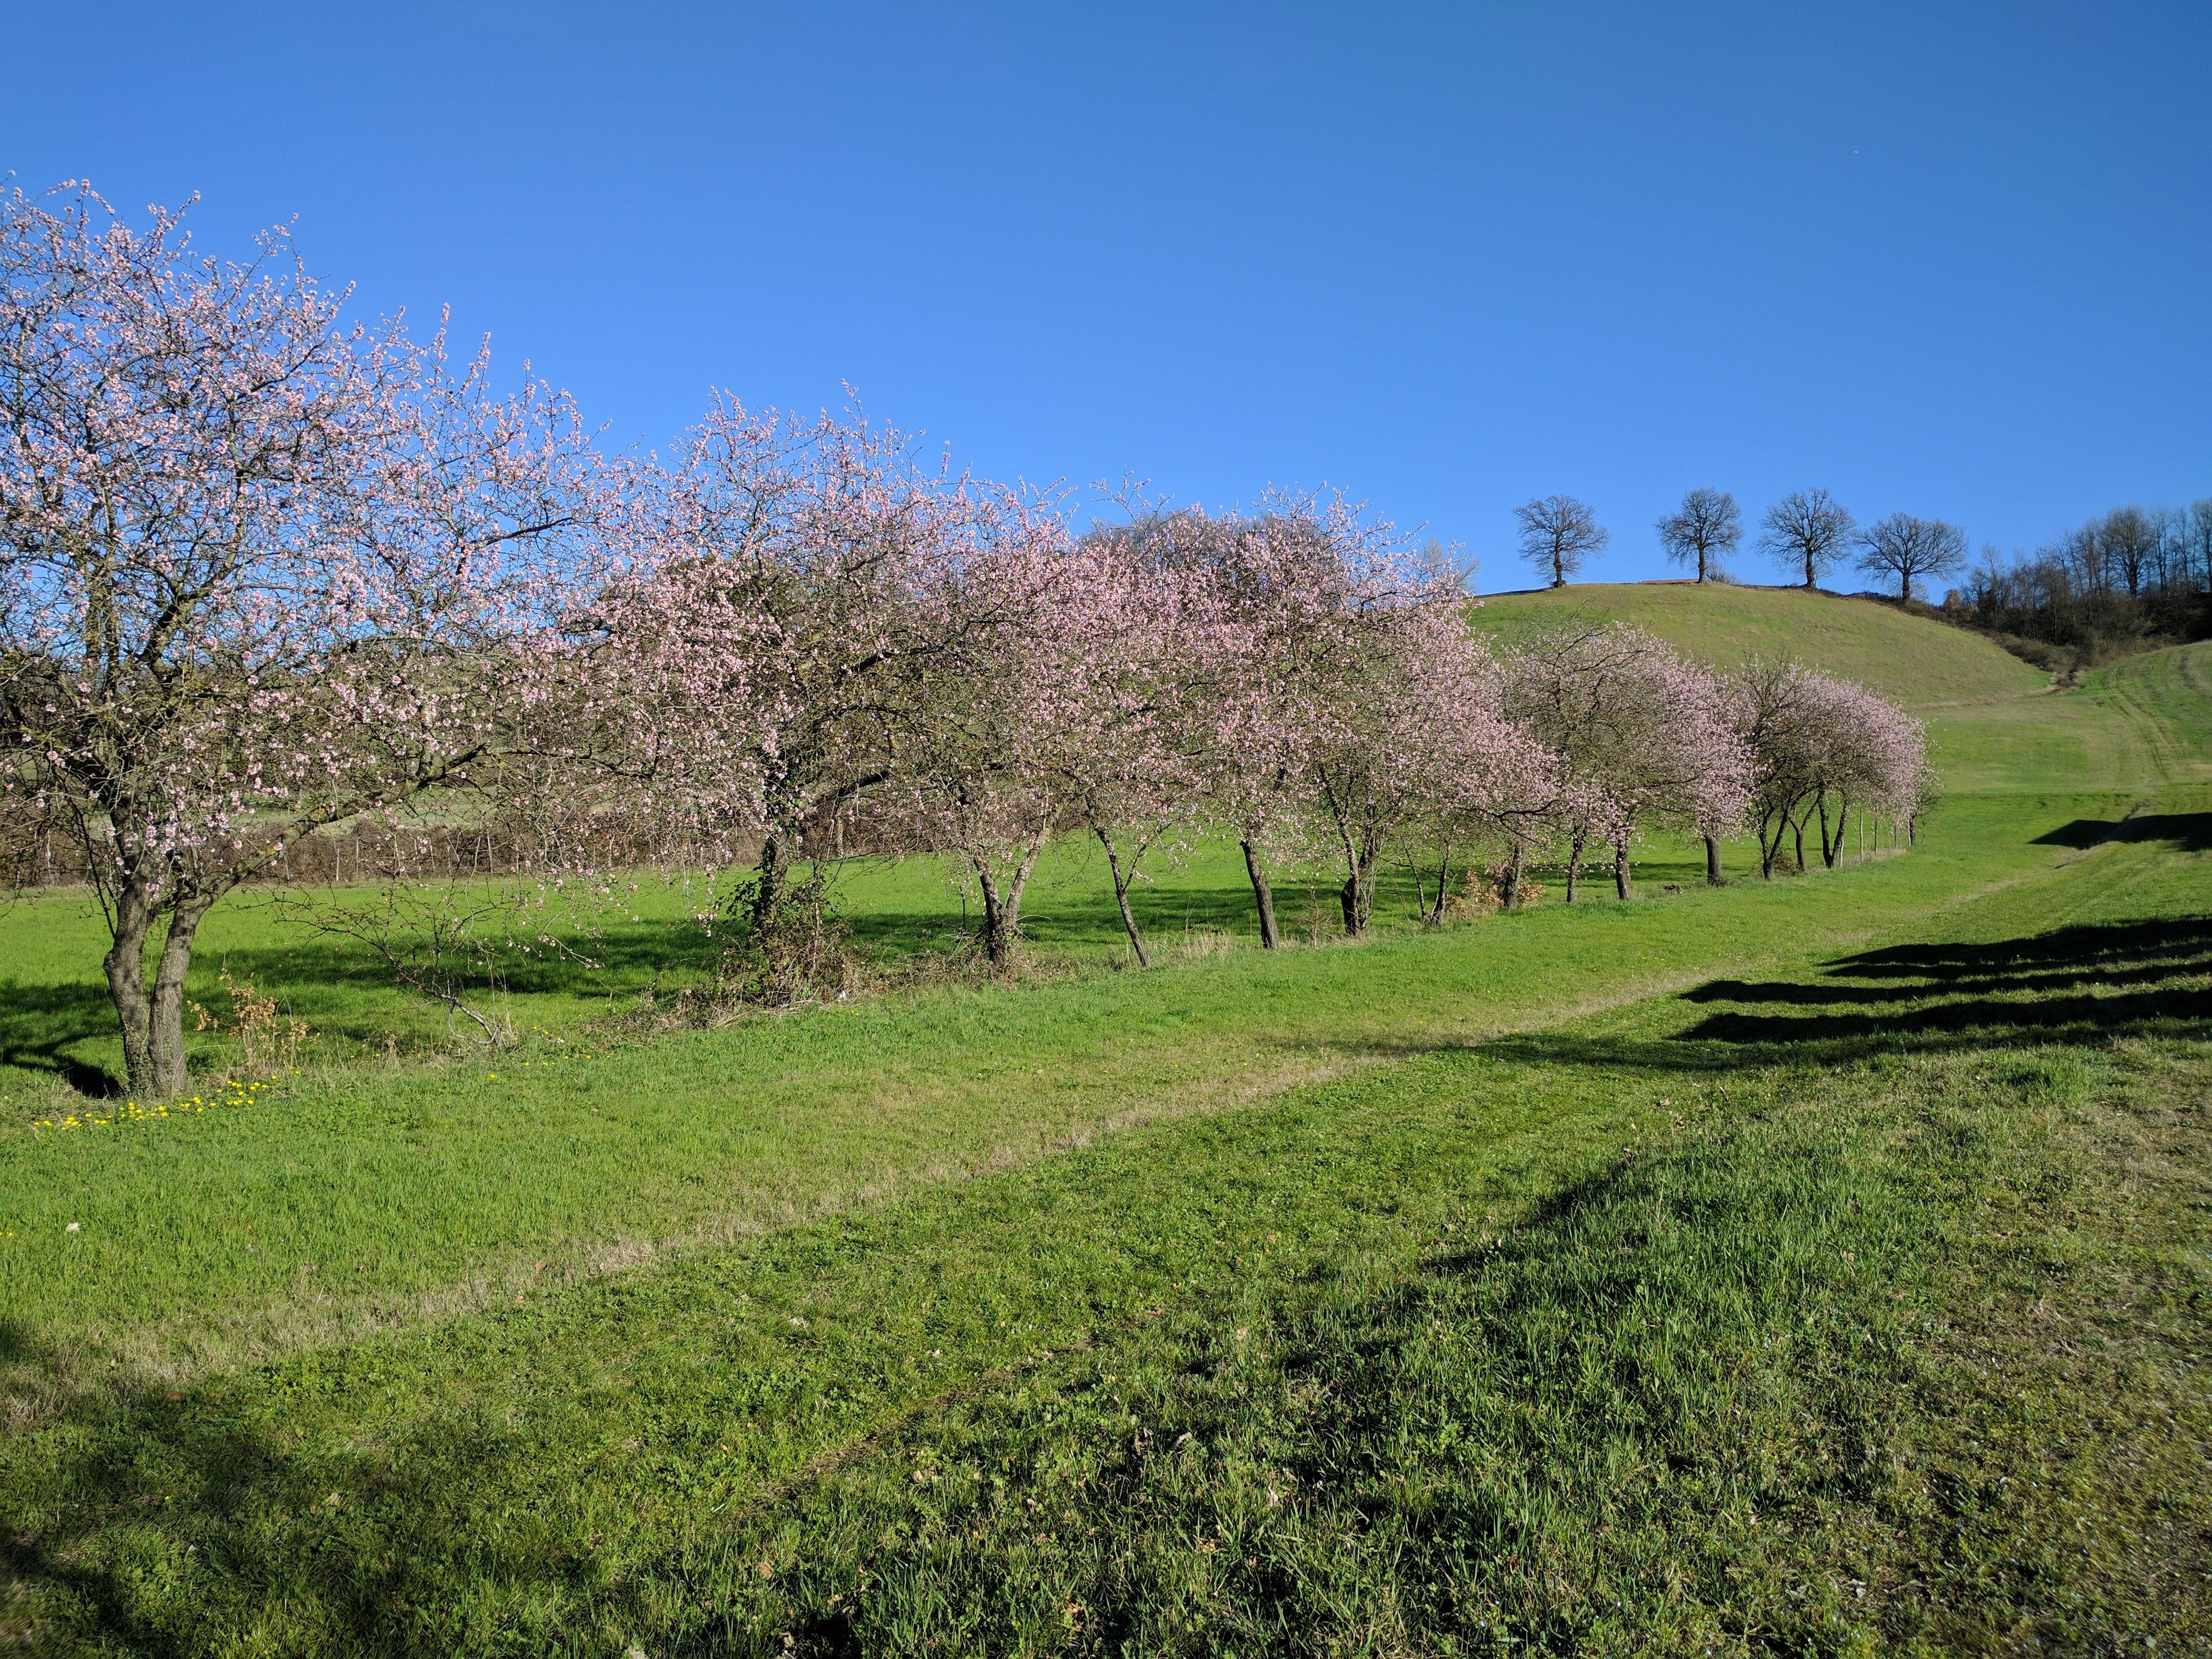 """Non c'è bisogno di andare in Giappone per ammirare dei magnifici alberi fioriti: anche il museo Guatelli ha il suo <a href=""""https://it.wikipedia.org/wiki/Hanami"""" target=""""_blank"""">Hanami</a>!"""